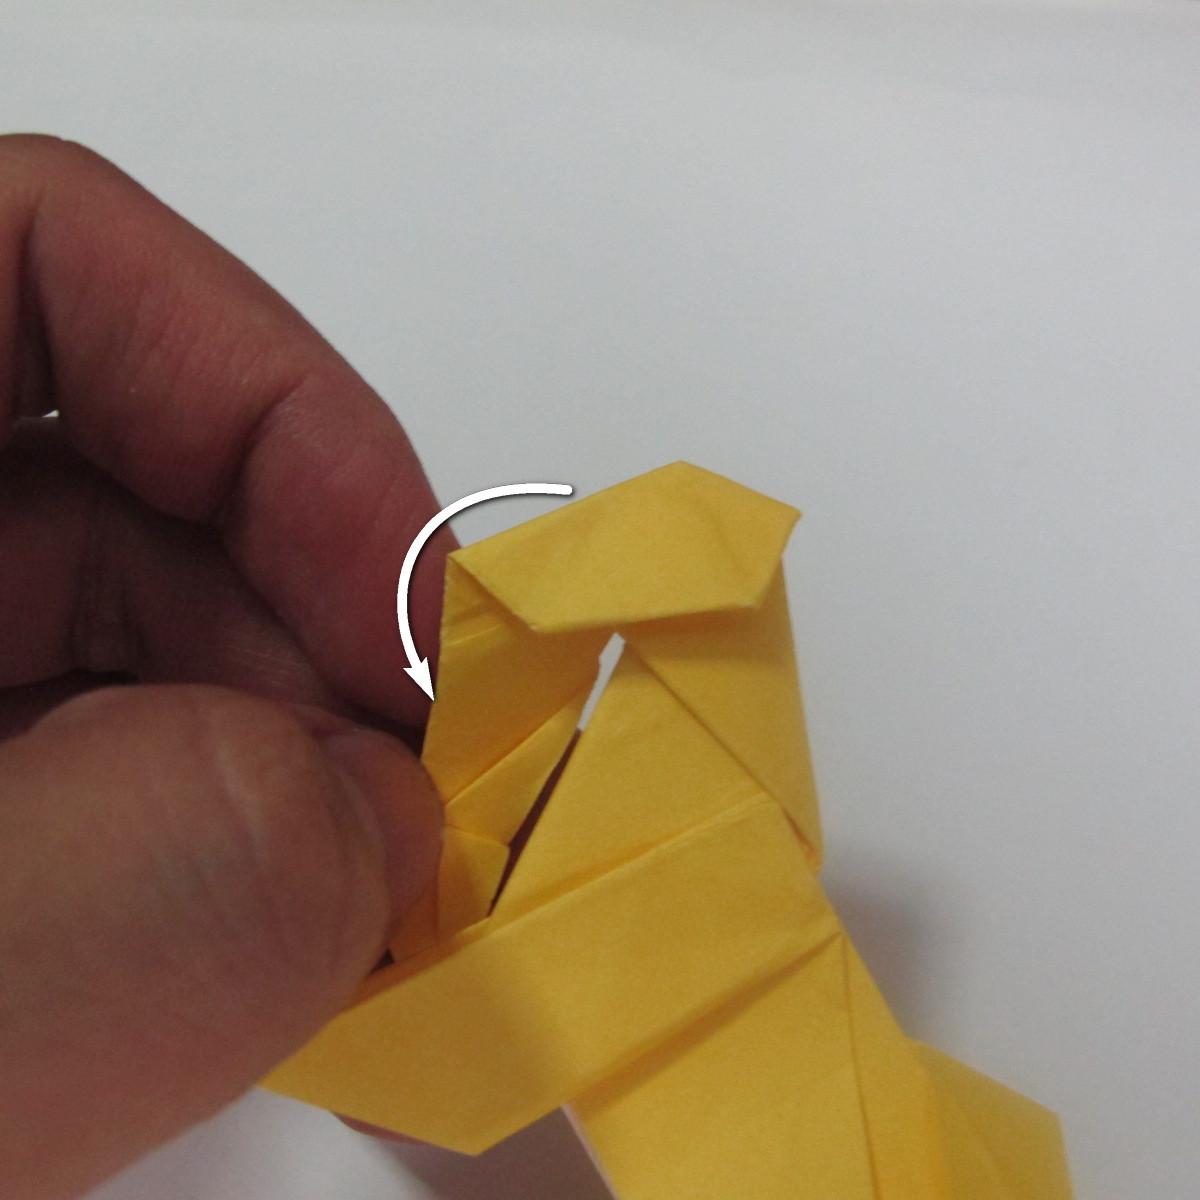 สอนวิธีพับกระดาษเป็นรูปลูกสุนัขยืนสองขา แบบของพอล ฟราสโก้ (Down Boy Dog Origami) 097